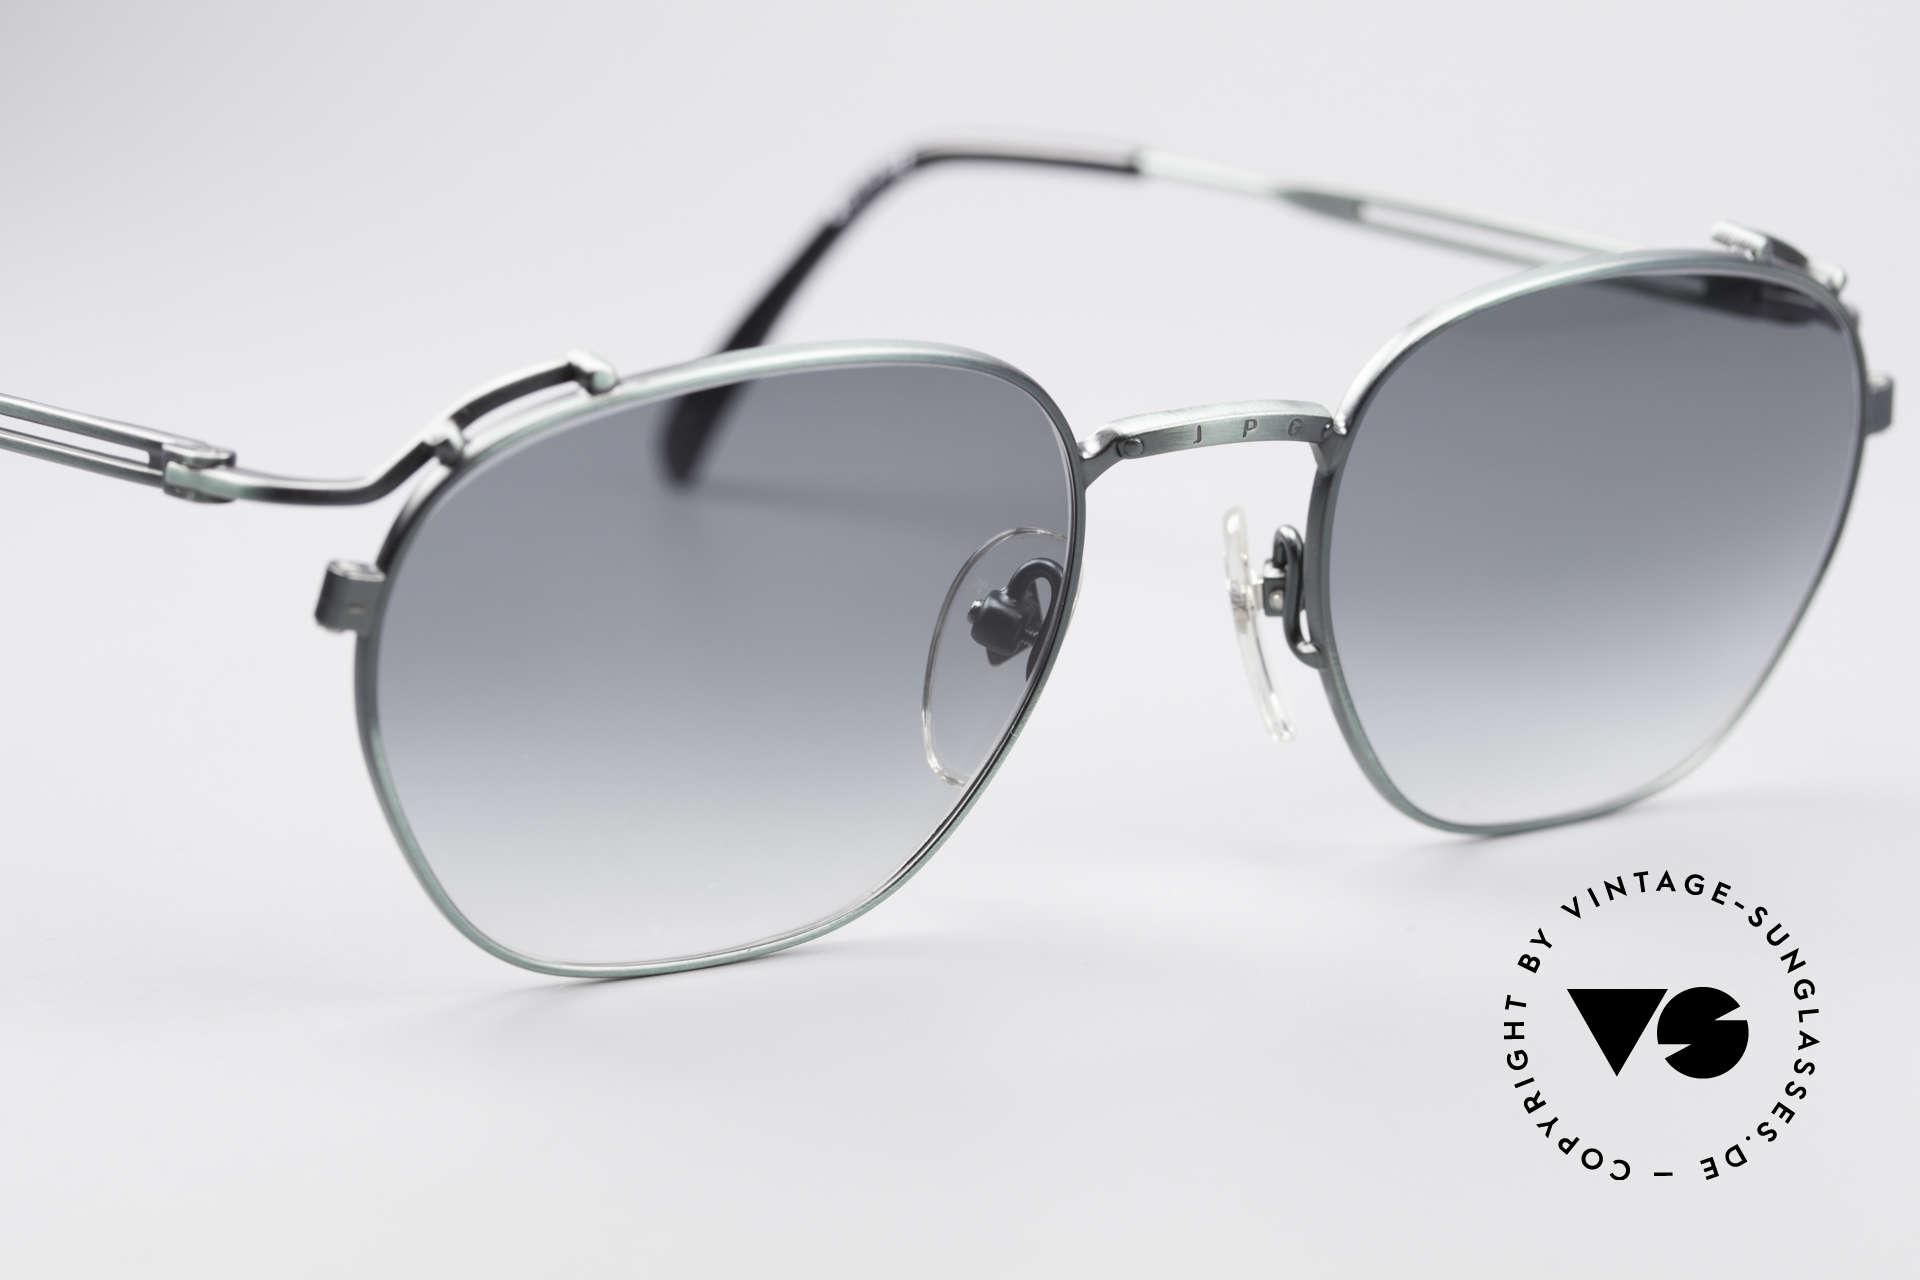 Jean Paul Gaultier 55-3173 Designer 90er Sonnenbrille, ungetragen; wie alle unsere 90er JPG Sonnenbrillen, Passend für Herren und Damen